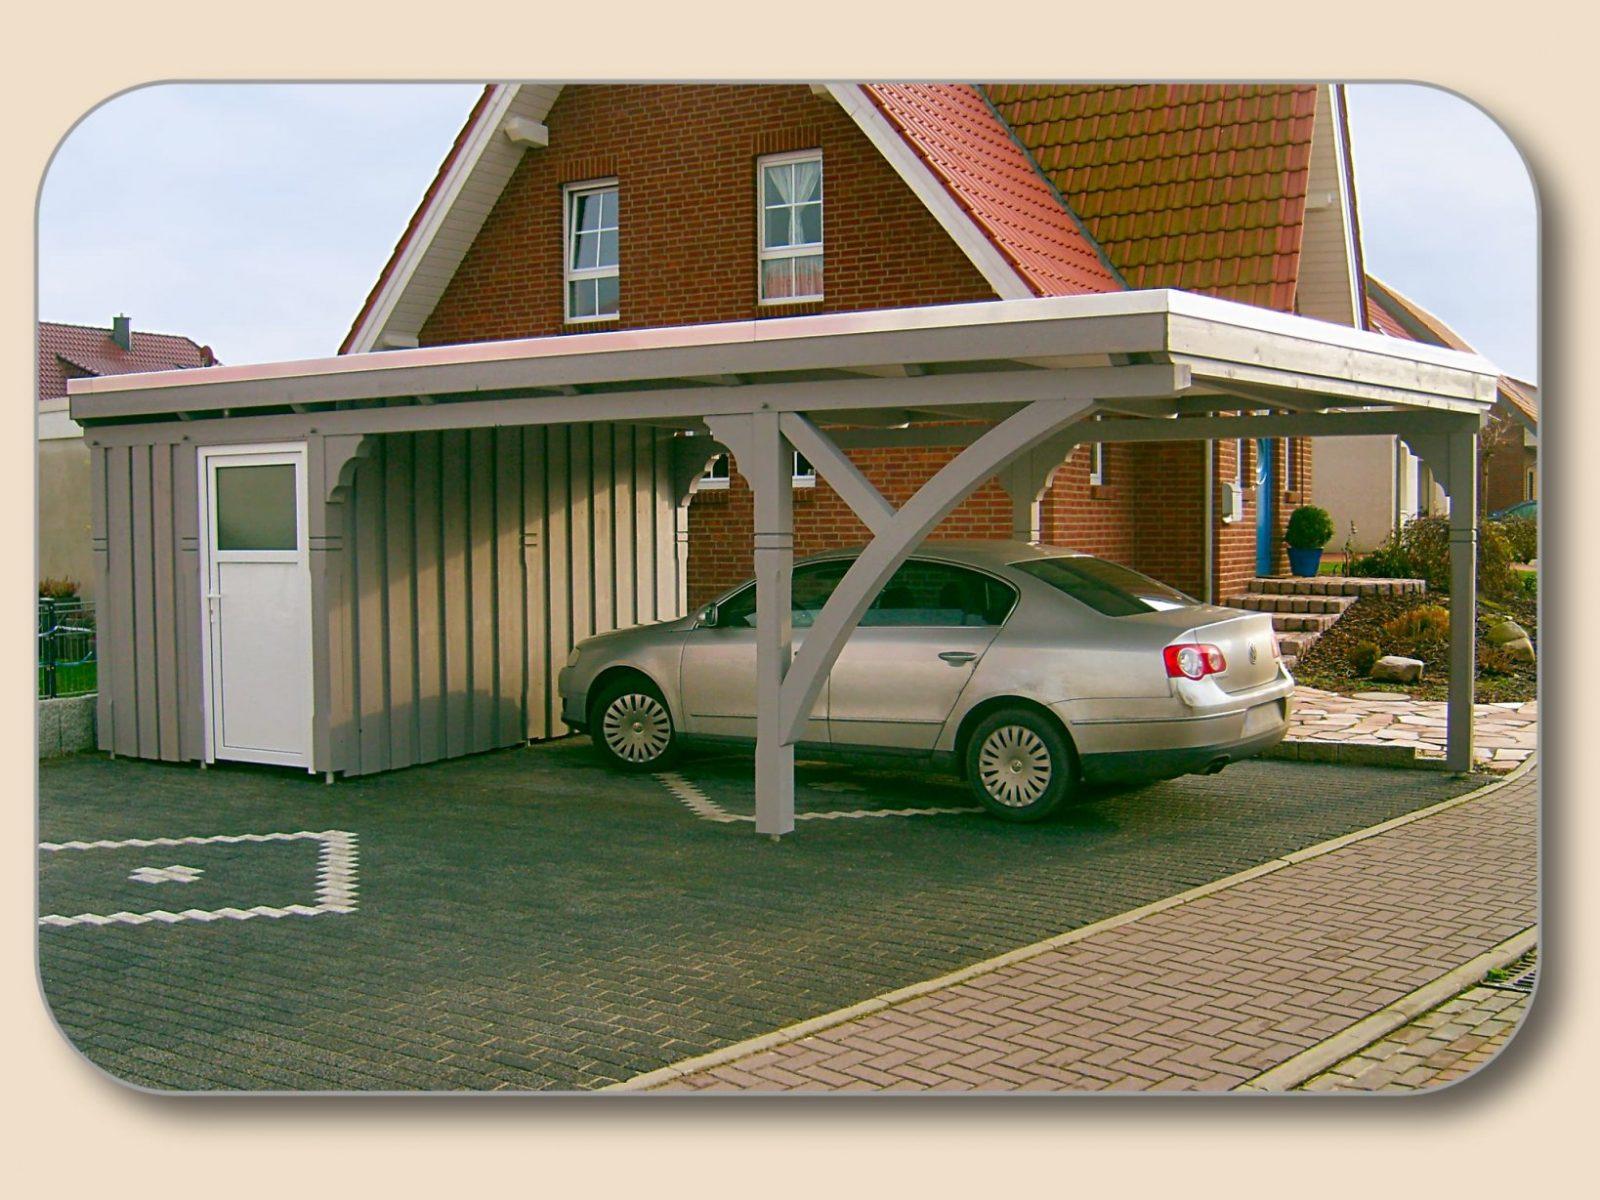 Carport Selber Bauen Kosten Nach Maß Von Holzon von Carport Selber Bauen Architektur Allgemein Bild